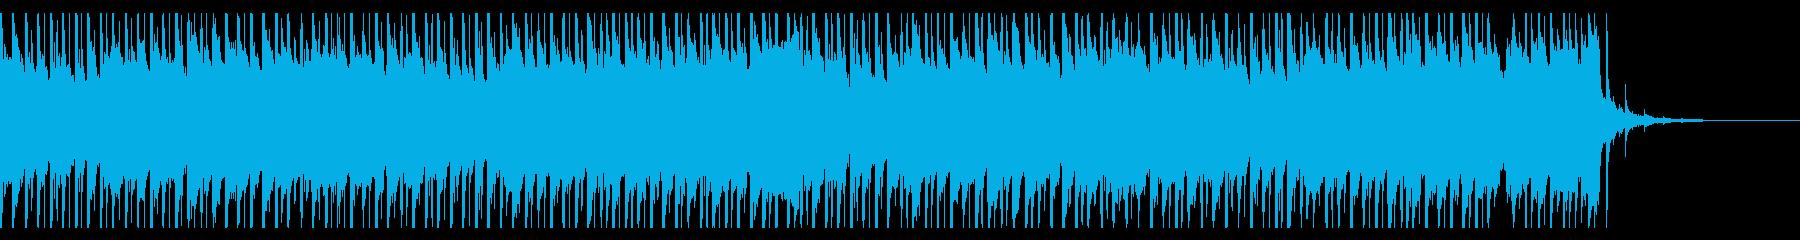 建物の成功(40秒)の再生済みの波形